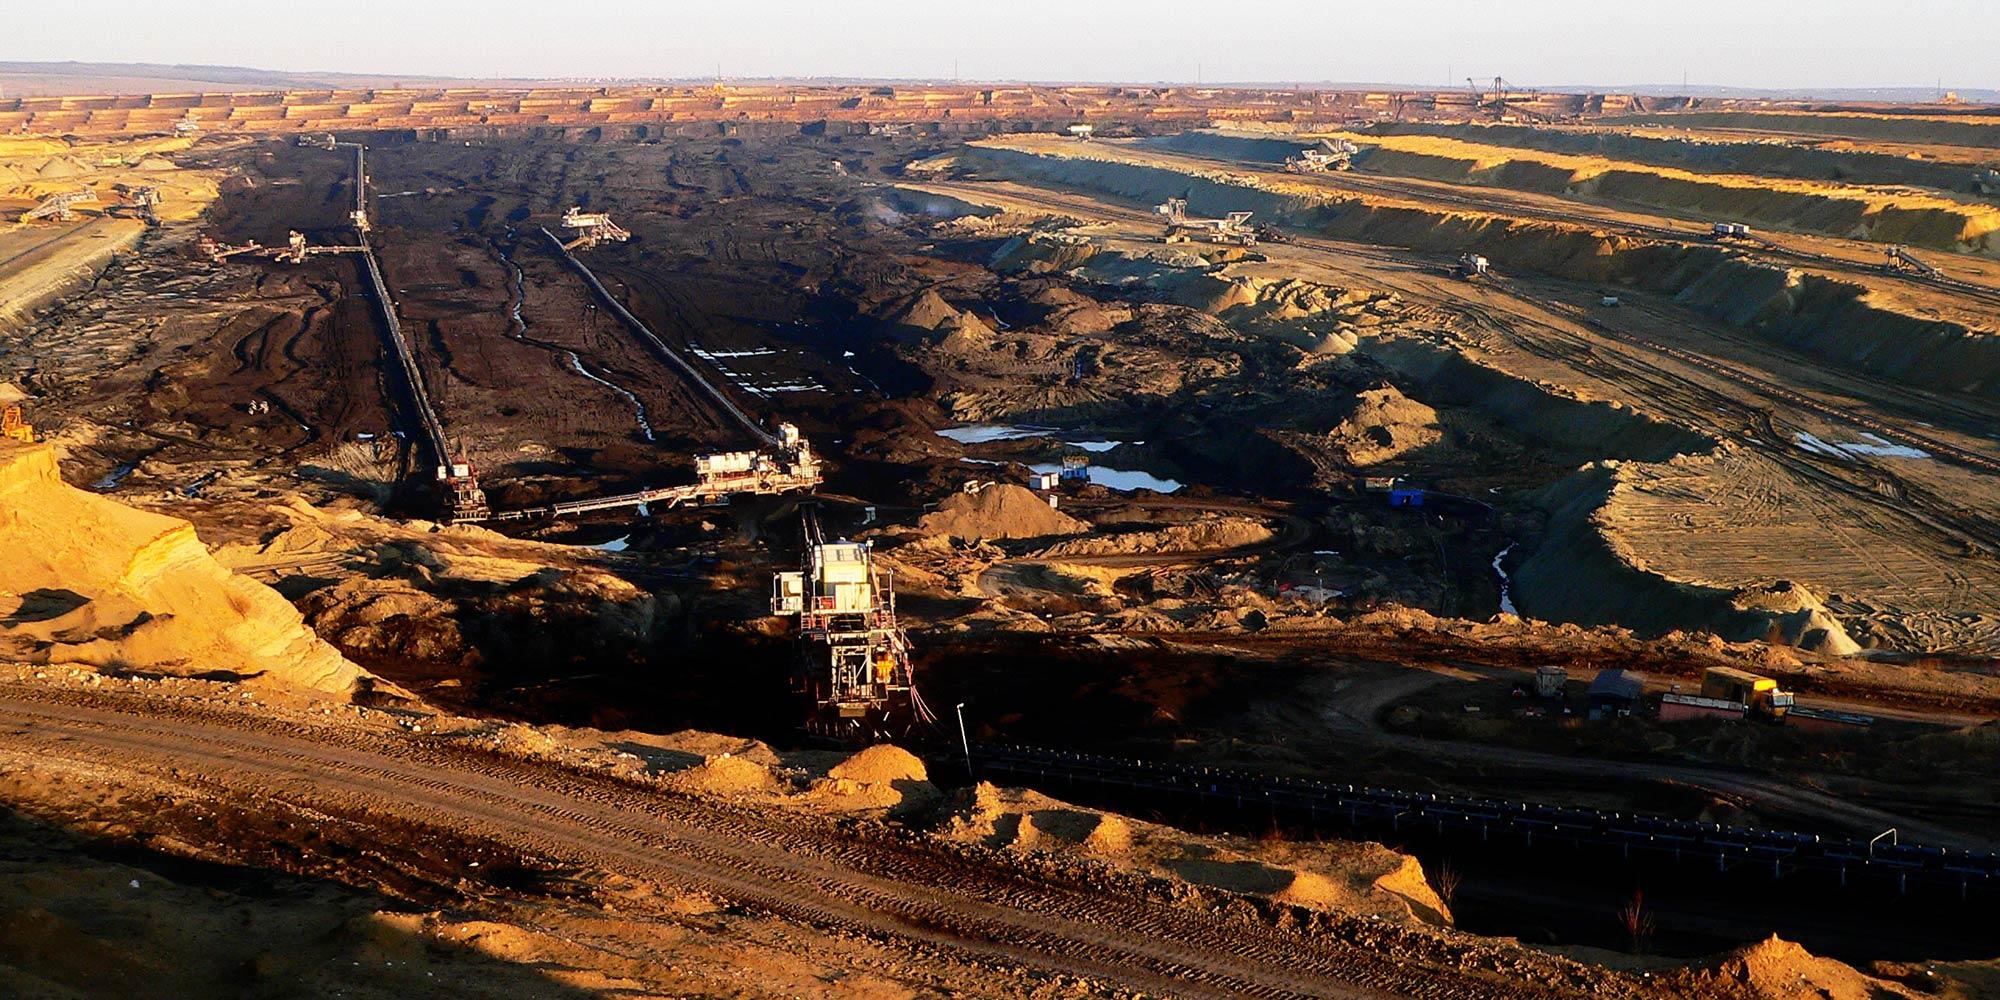 An open mining pit seen.